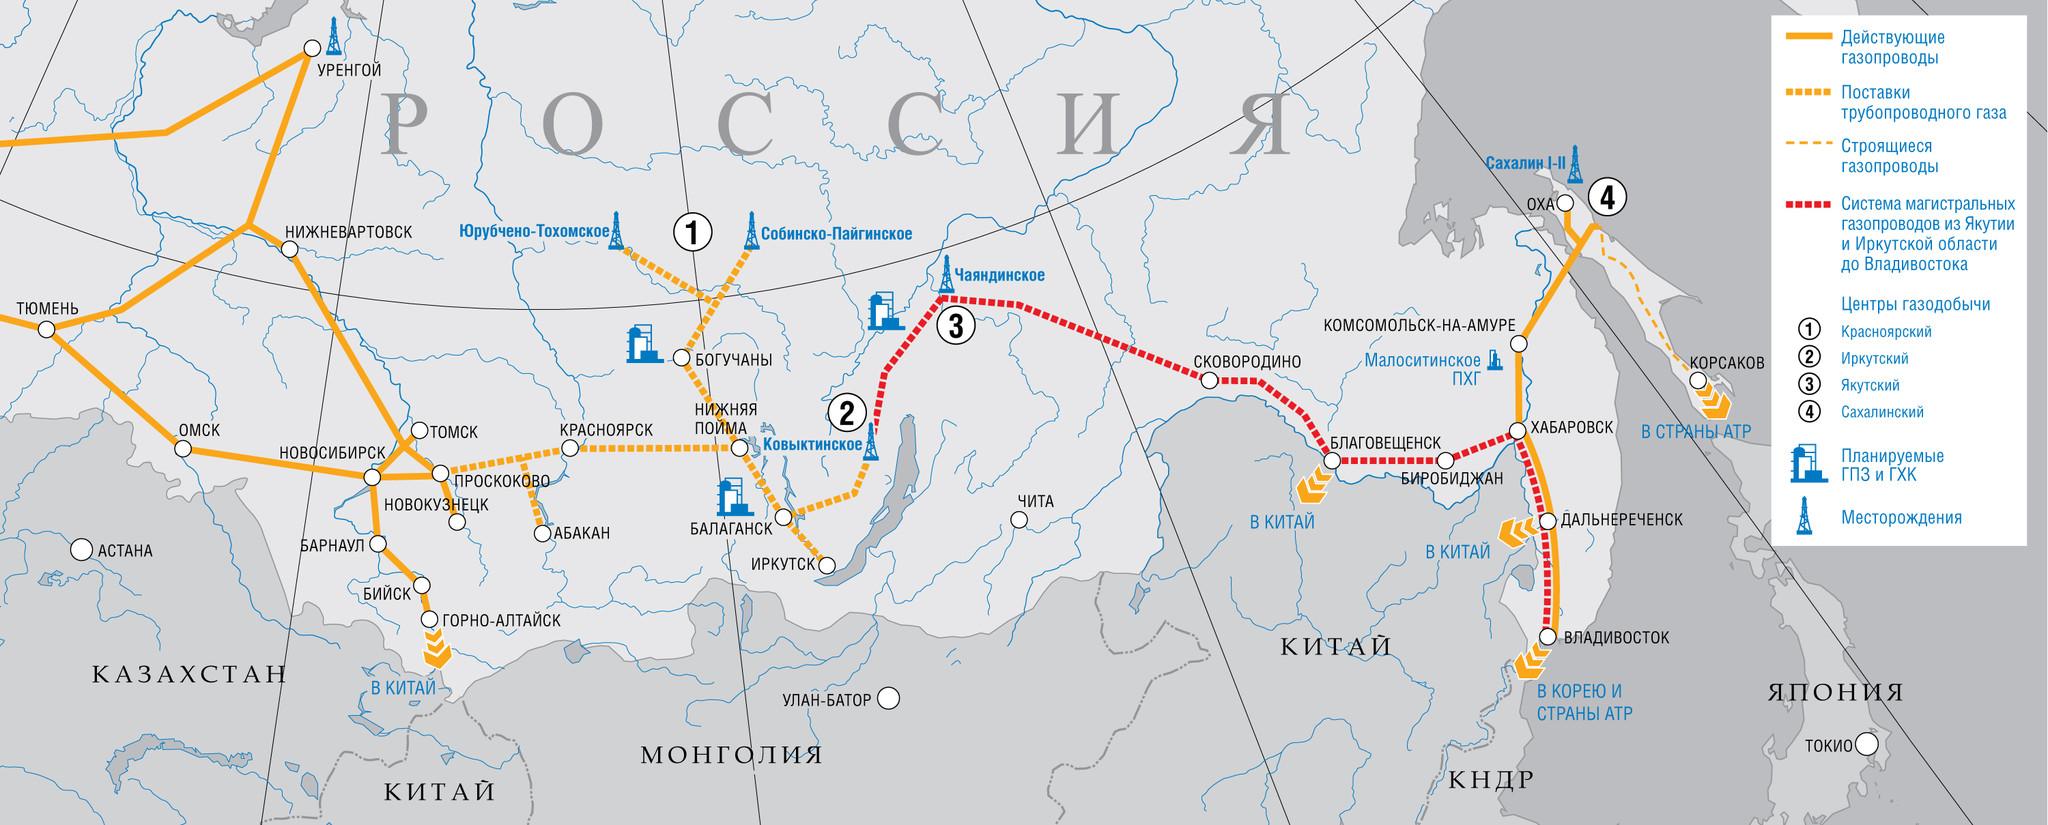 Газпром планирует соединить газопровод Сахалина и Силу Сибири